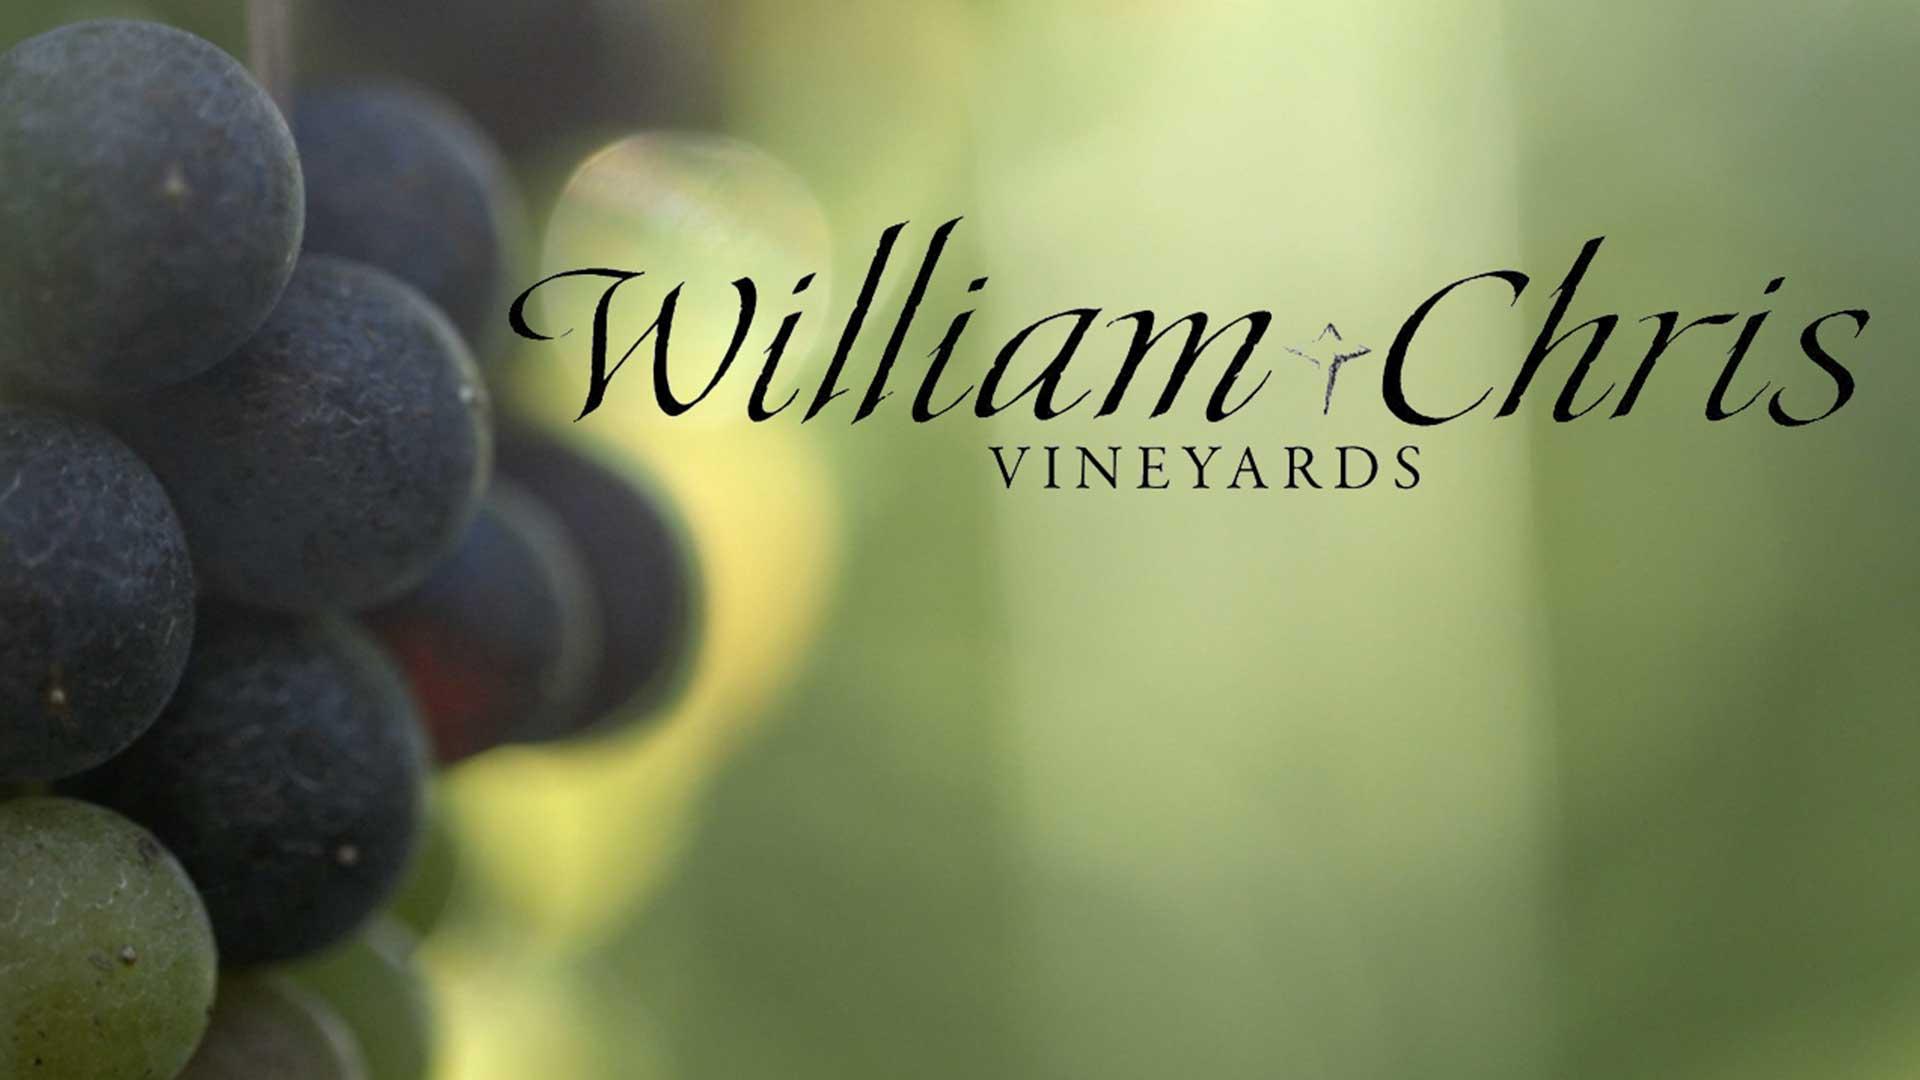 William Chris Vineyards Minidoc (Documentary)